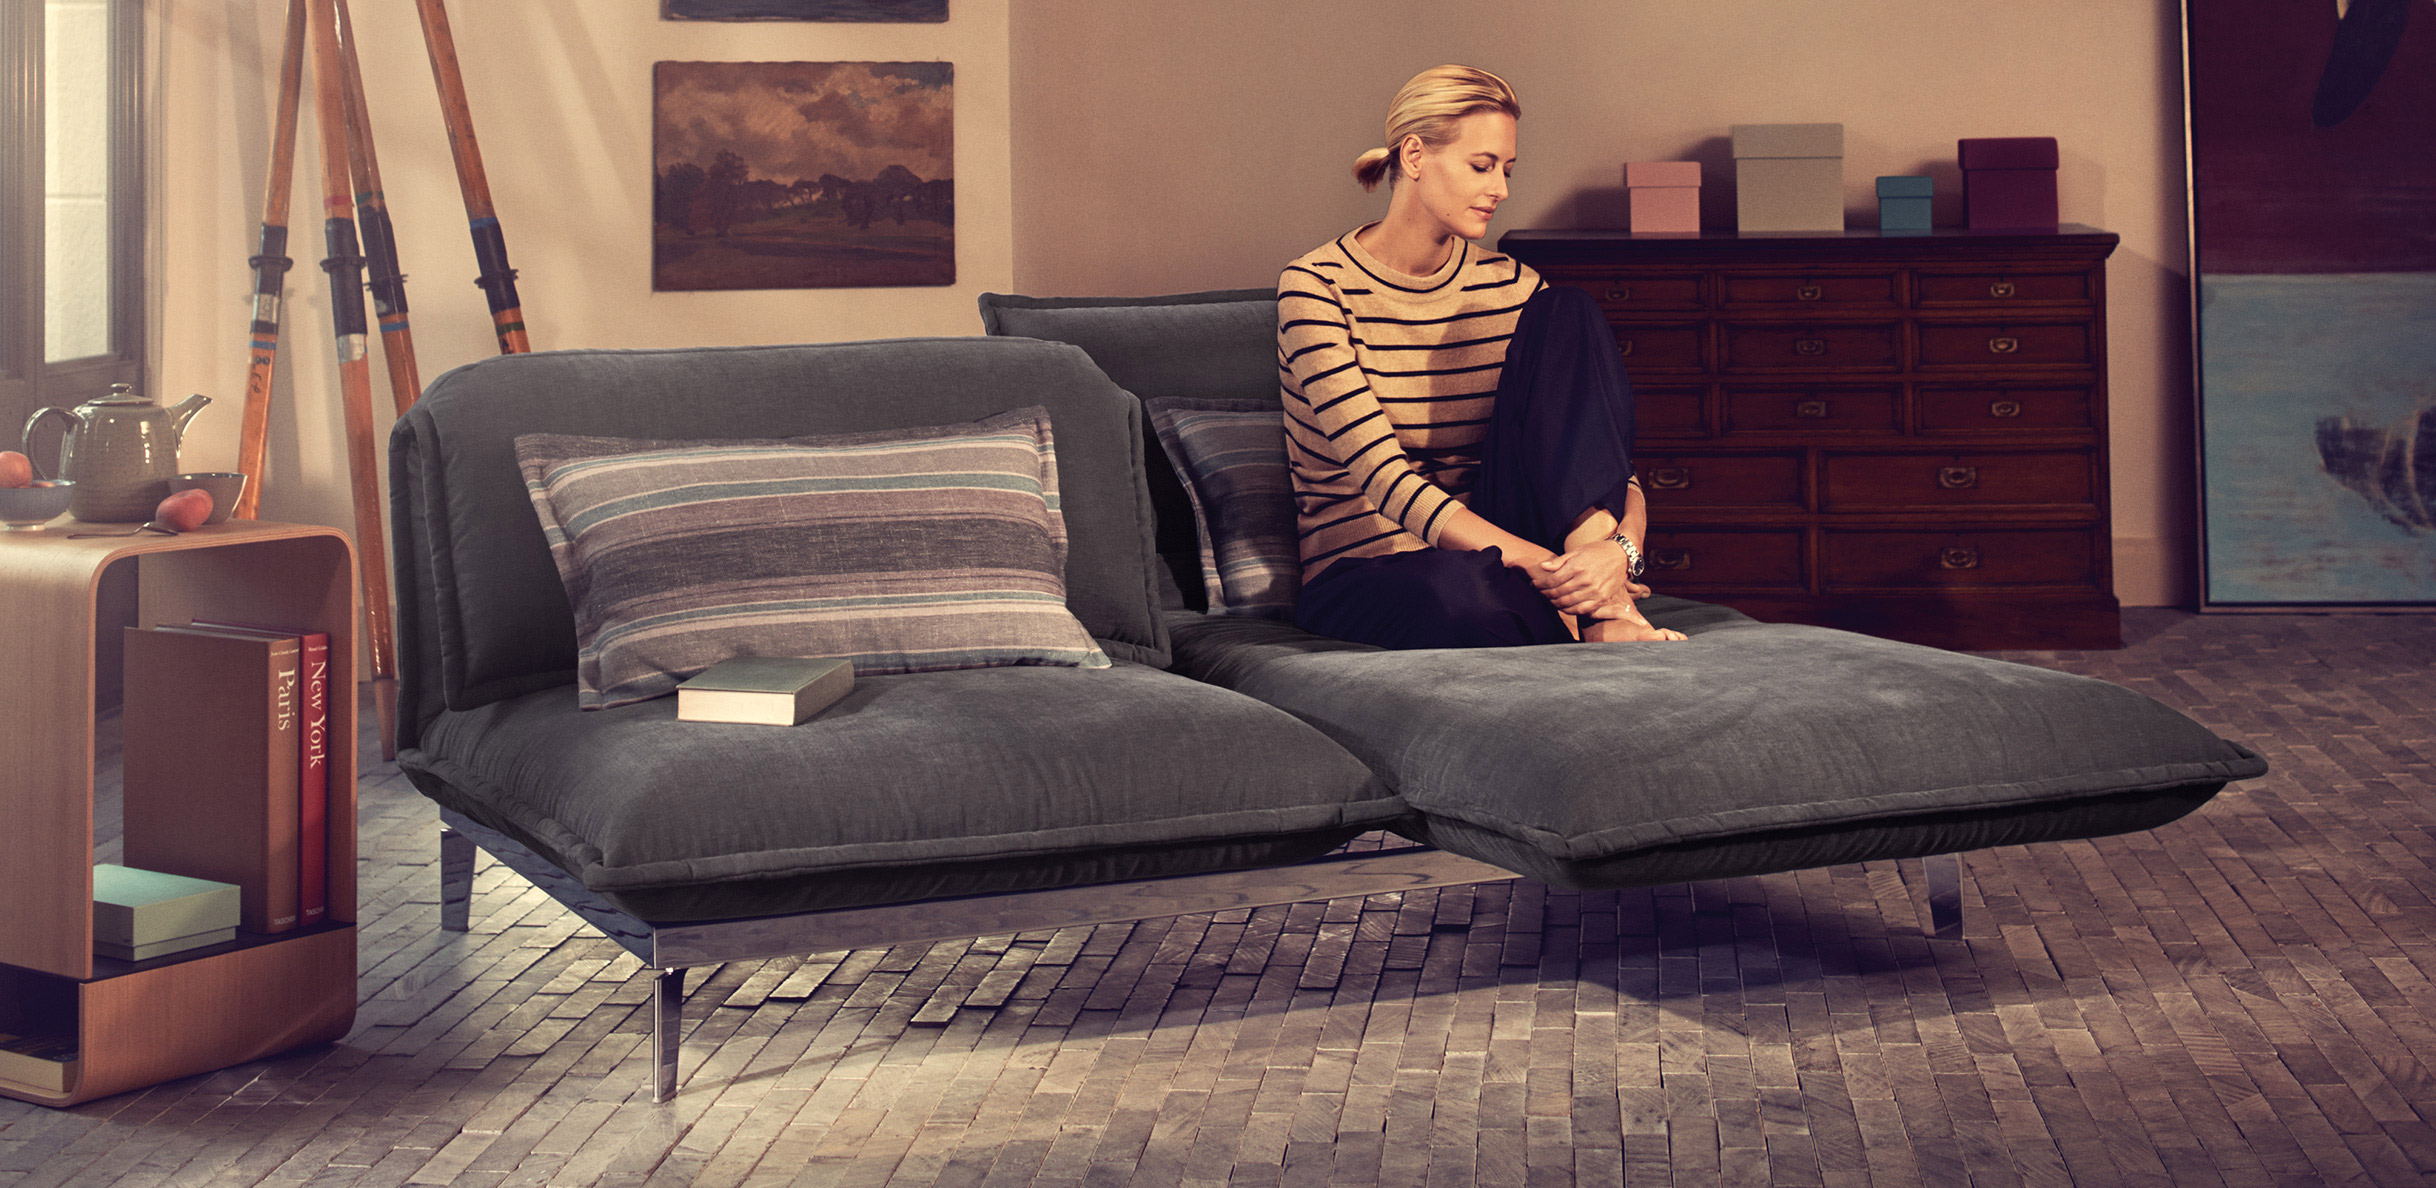 comfortable rolf benz sofa. Comfortable Rolf Benz Sofa E